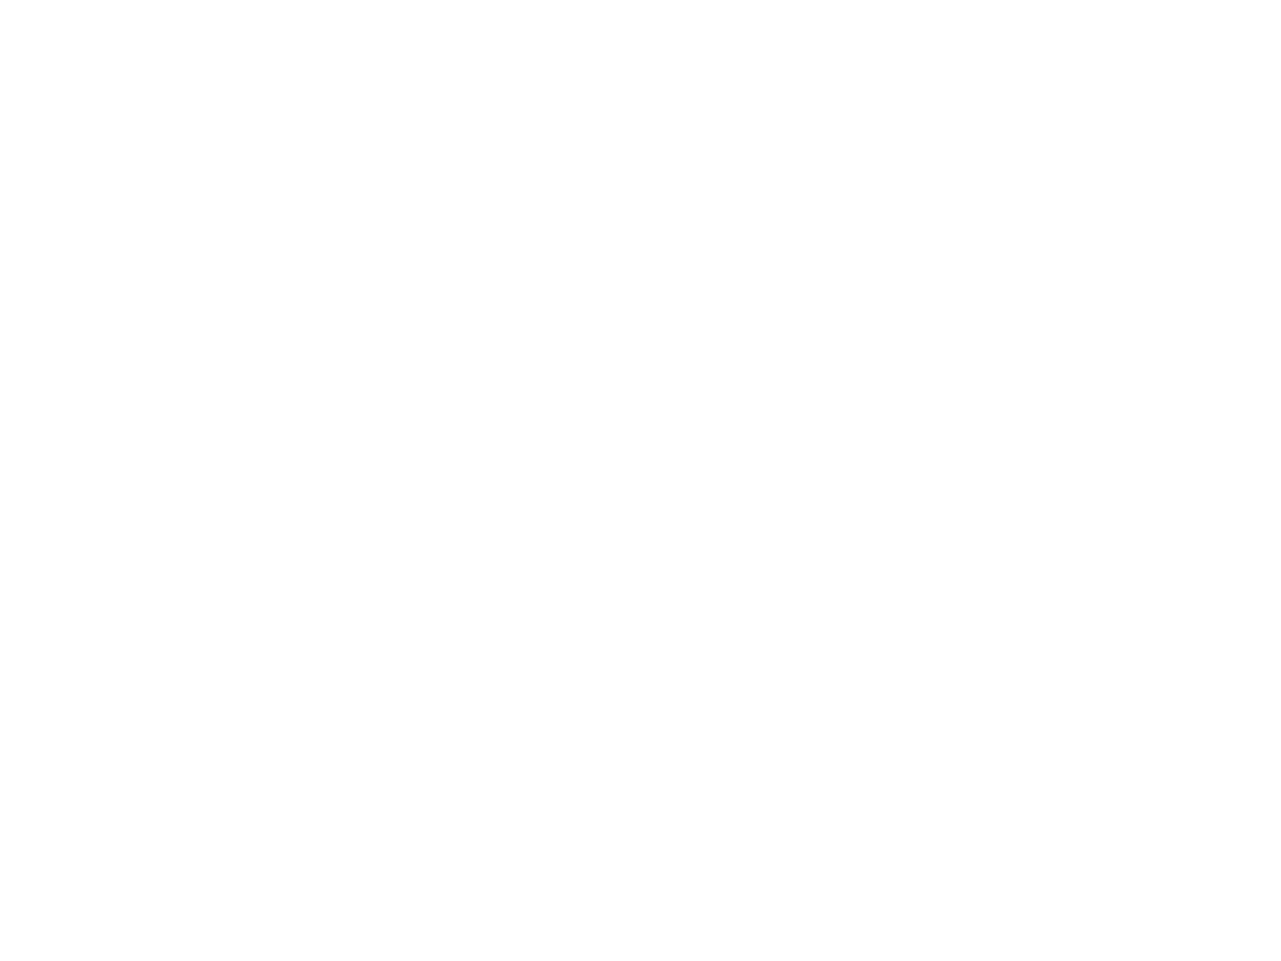 Wombat che mangia